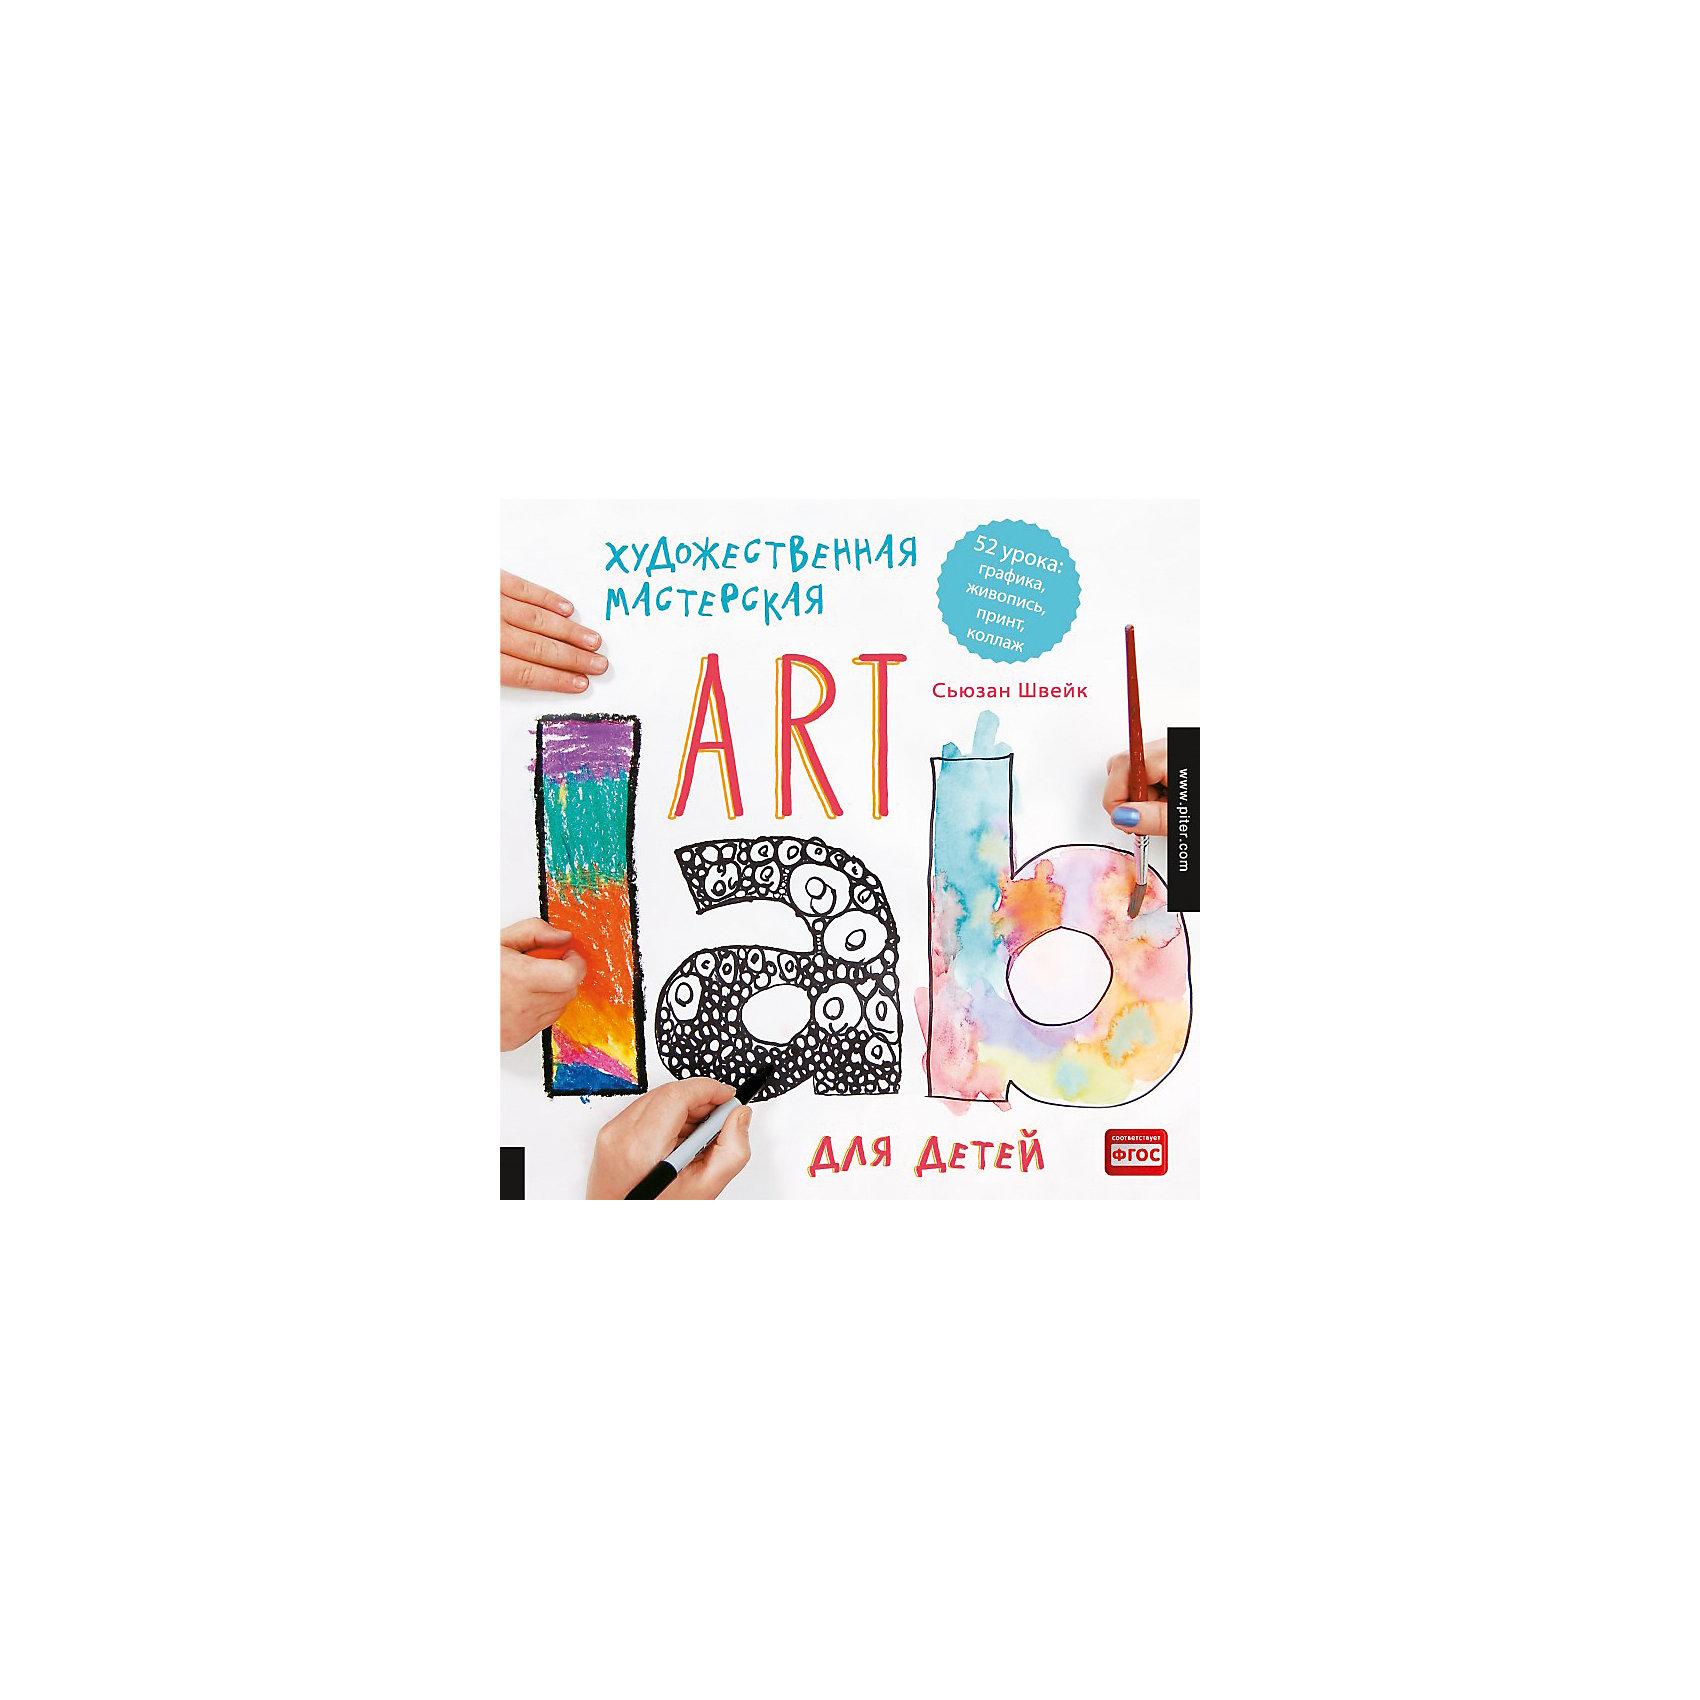 Художественная мастерская для детей (Art Lab)Книги для развития творческих навыков<br>Книга «Художественная мастерская для детей» - уникальная книга, рассказывающая о формах и видах всевозможного искусства. В книге представлены 52 необычных урока от настоящего мастера своего дела. Ребенок познакомится с живописью, графикой, принтами, квиллингом, коллажами и многими другими техниками выражения себя. Завершение каждого урока приносит ребенку результат в виде чего-то, созданного своими руками. Книга содержит яркие, красочные иллюстрации, от которых невозможно оторваться. Сборник развивает мышление, творческие способности и воображение. <br><br>Дополнительная информация:<br><br>страниц: 144;<br>возраст: 6+;<br>формат:  220 х 290 мм.<br><br>Книгу «Художественная мастерская для детей (Art Lab)» можно купить в нашем магазине.<br><br>Ширина мм: 290<br>Глубина мм: 215<br>Высота мм: 9<br>Вес г: 440<br>Возраст от месяцев: 72<br>Возраст до месяцев: 2147483647<br>Пол: Унисекс<br>Возраст: Детский<br>SKU: 4966331